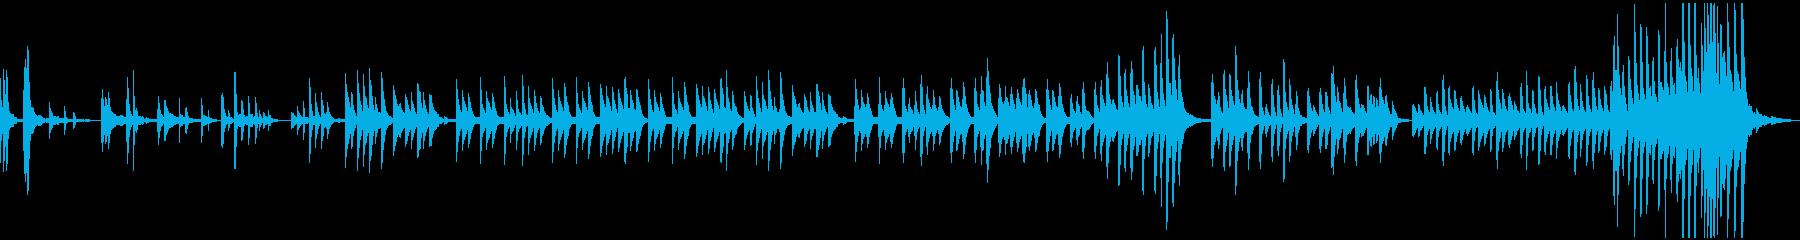 ゆっくり、せつない感じのピアノBGMの再生済みの波形